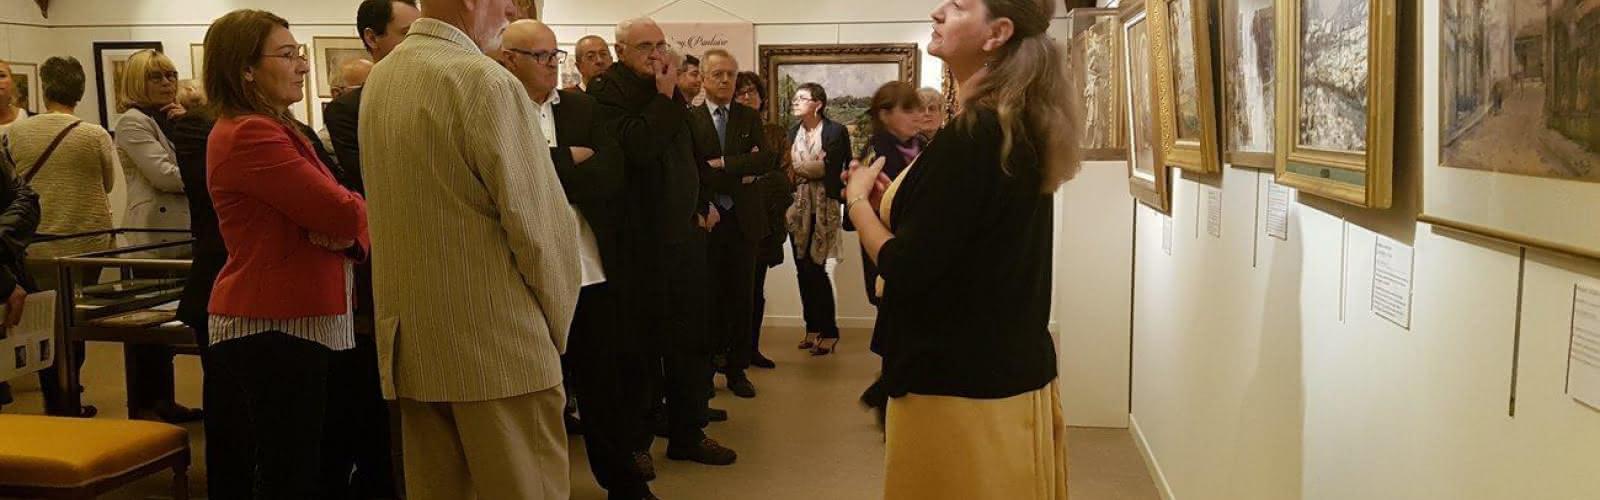 Geneviève Roche-Bernard, conseiller musées pour le Conseil départemental du Val-d'Oise, au Musée William-Thornley